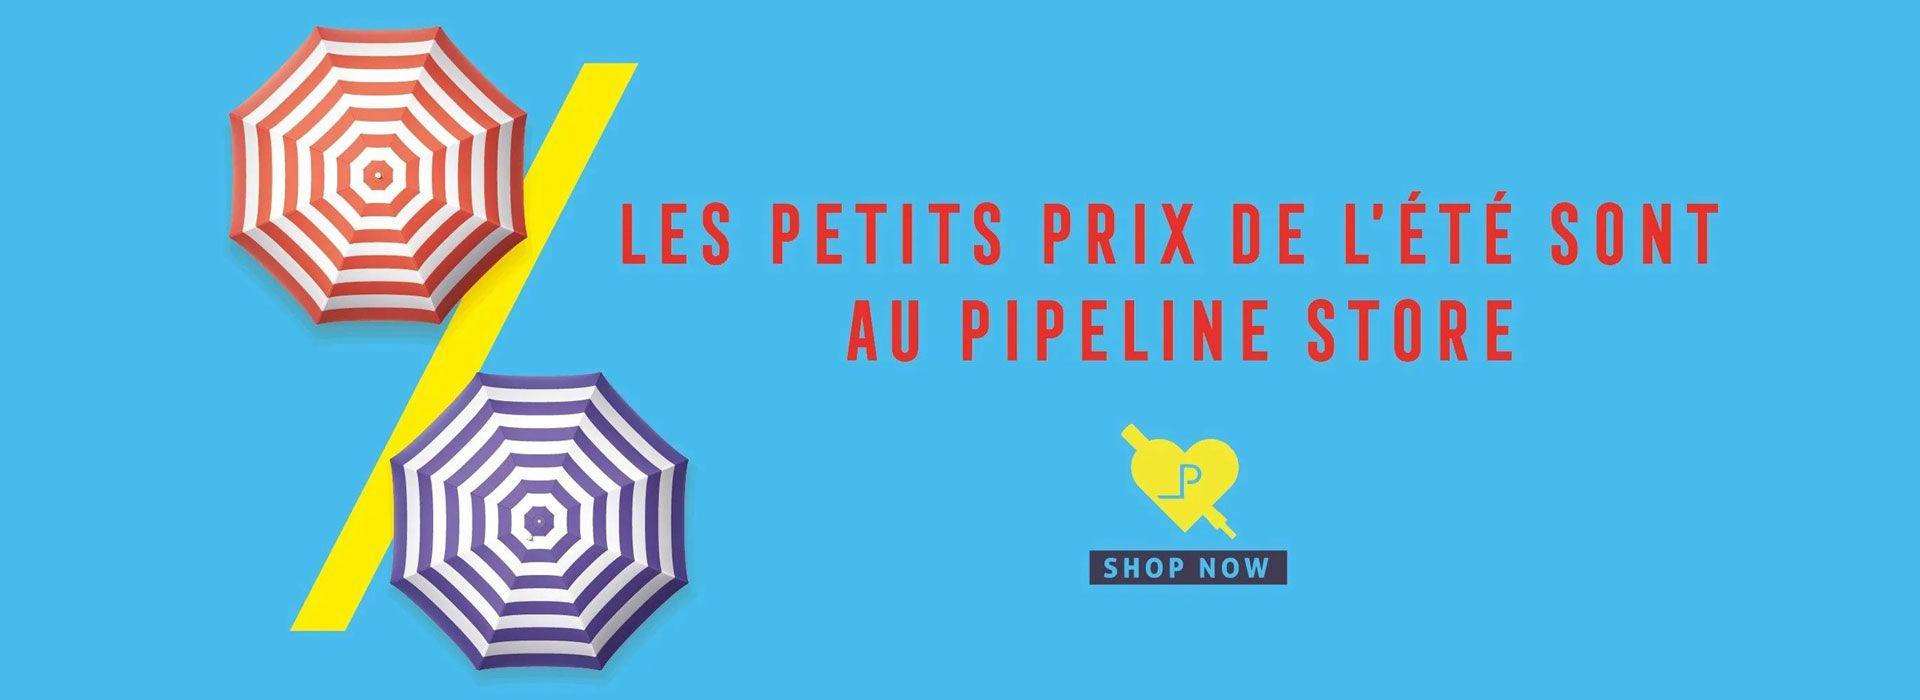 Les petits prix de l'été sont chez PIPELINE Store !